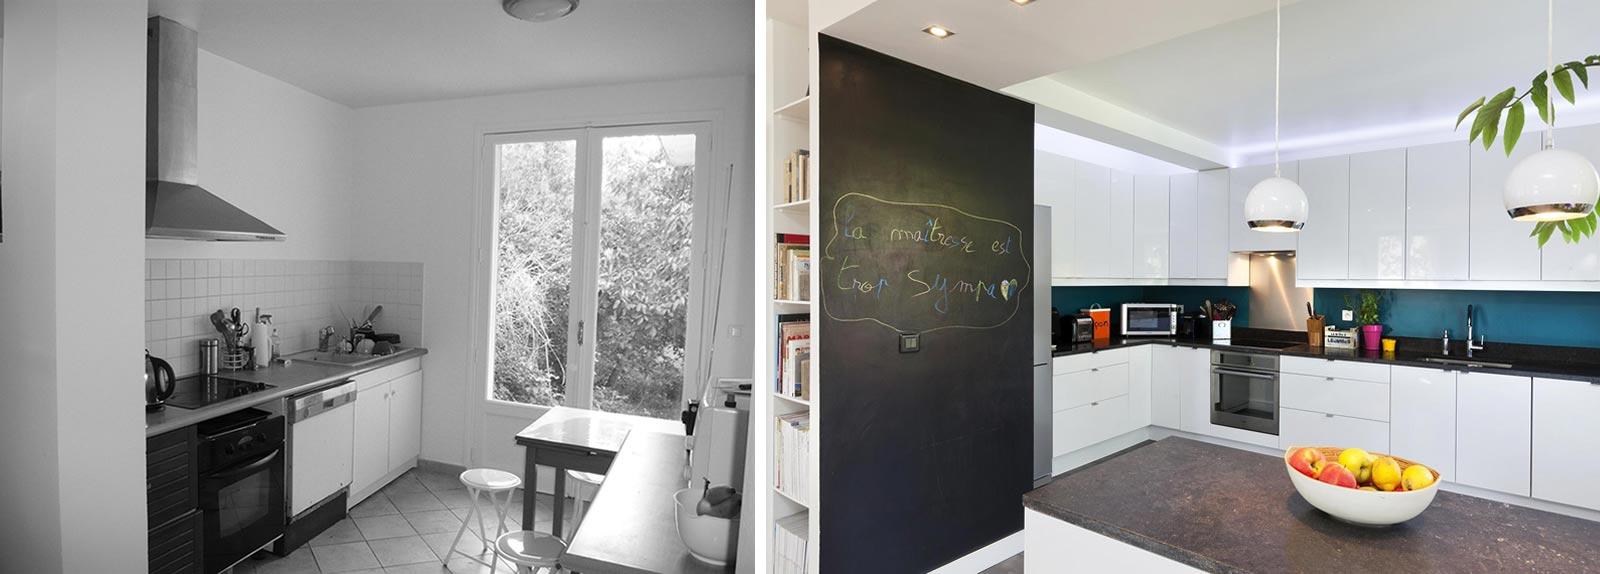 relooking d'intérieur d'une maison individuelle de 5 pièces à nîmes